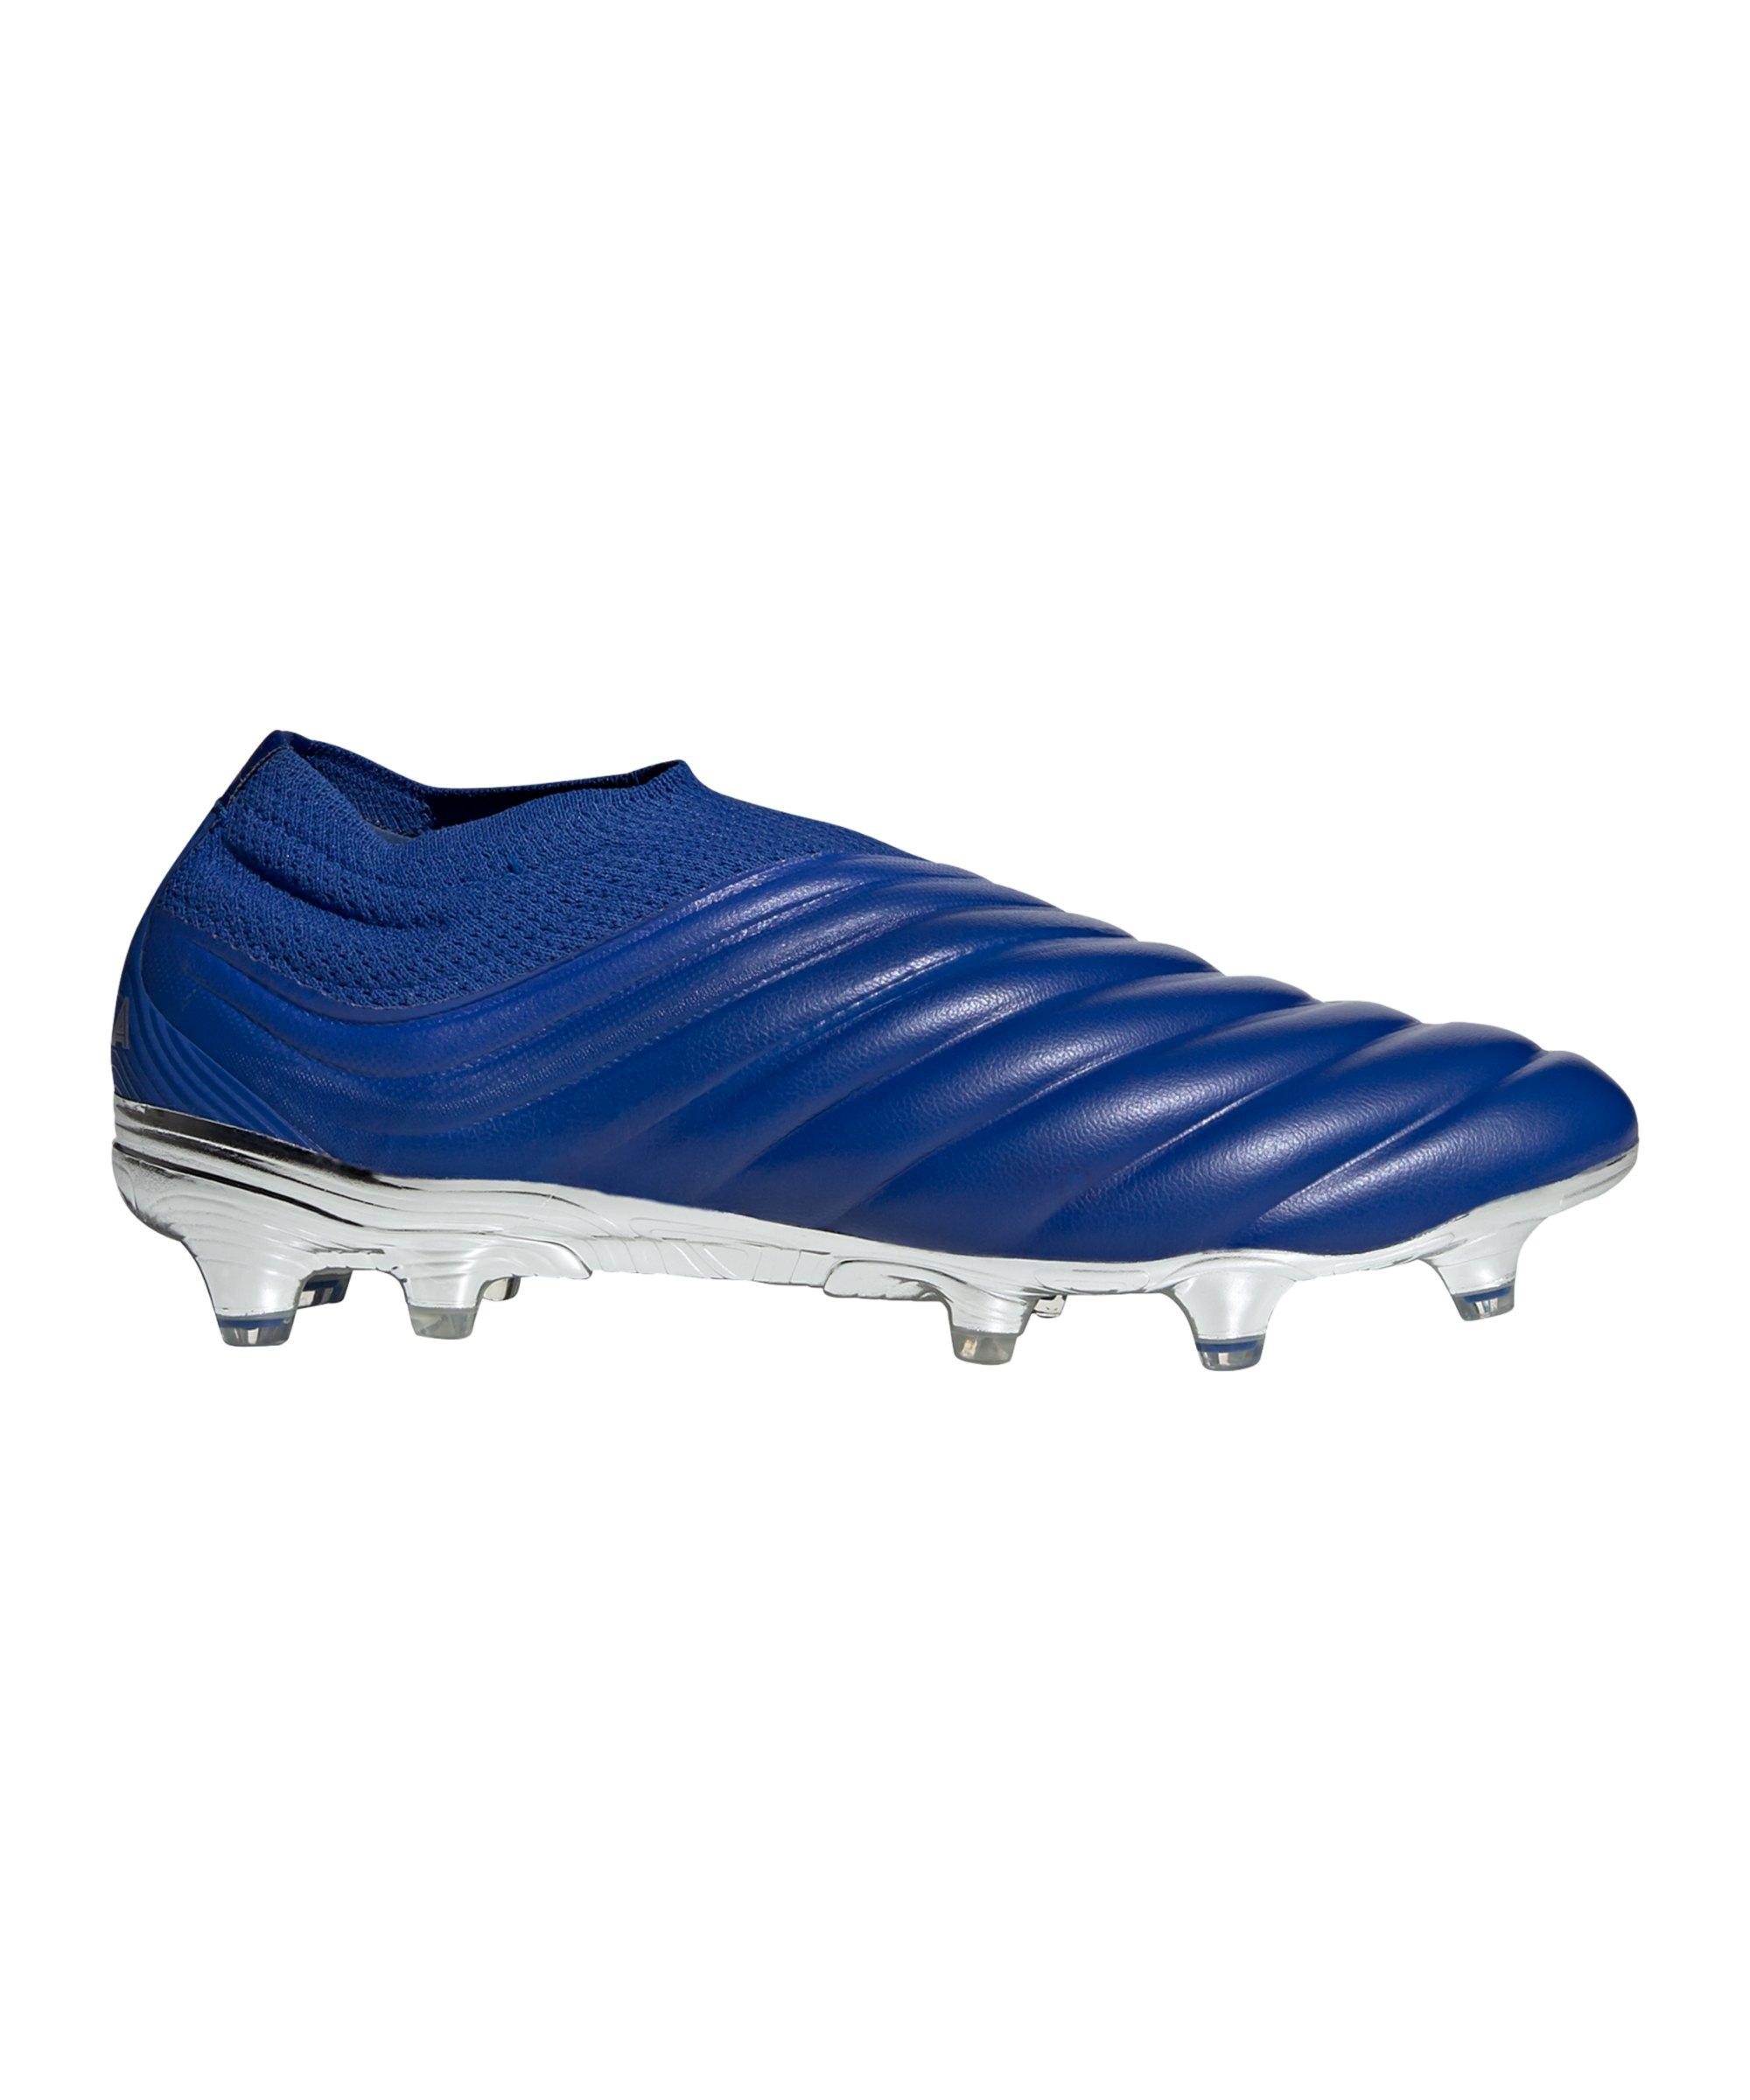 adidas COPA Inflight 20+ FG Blau Silber - blau